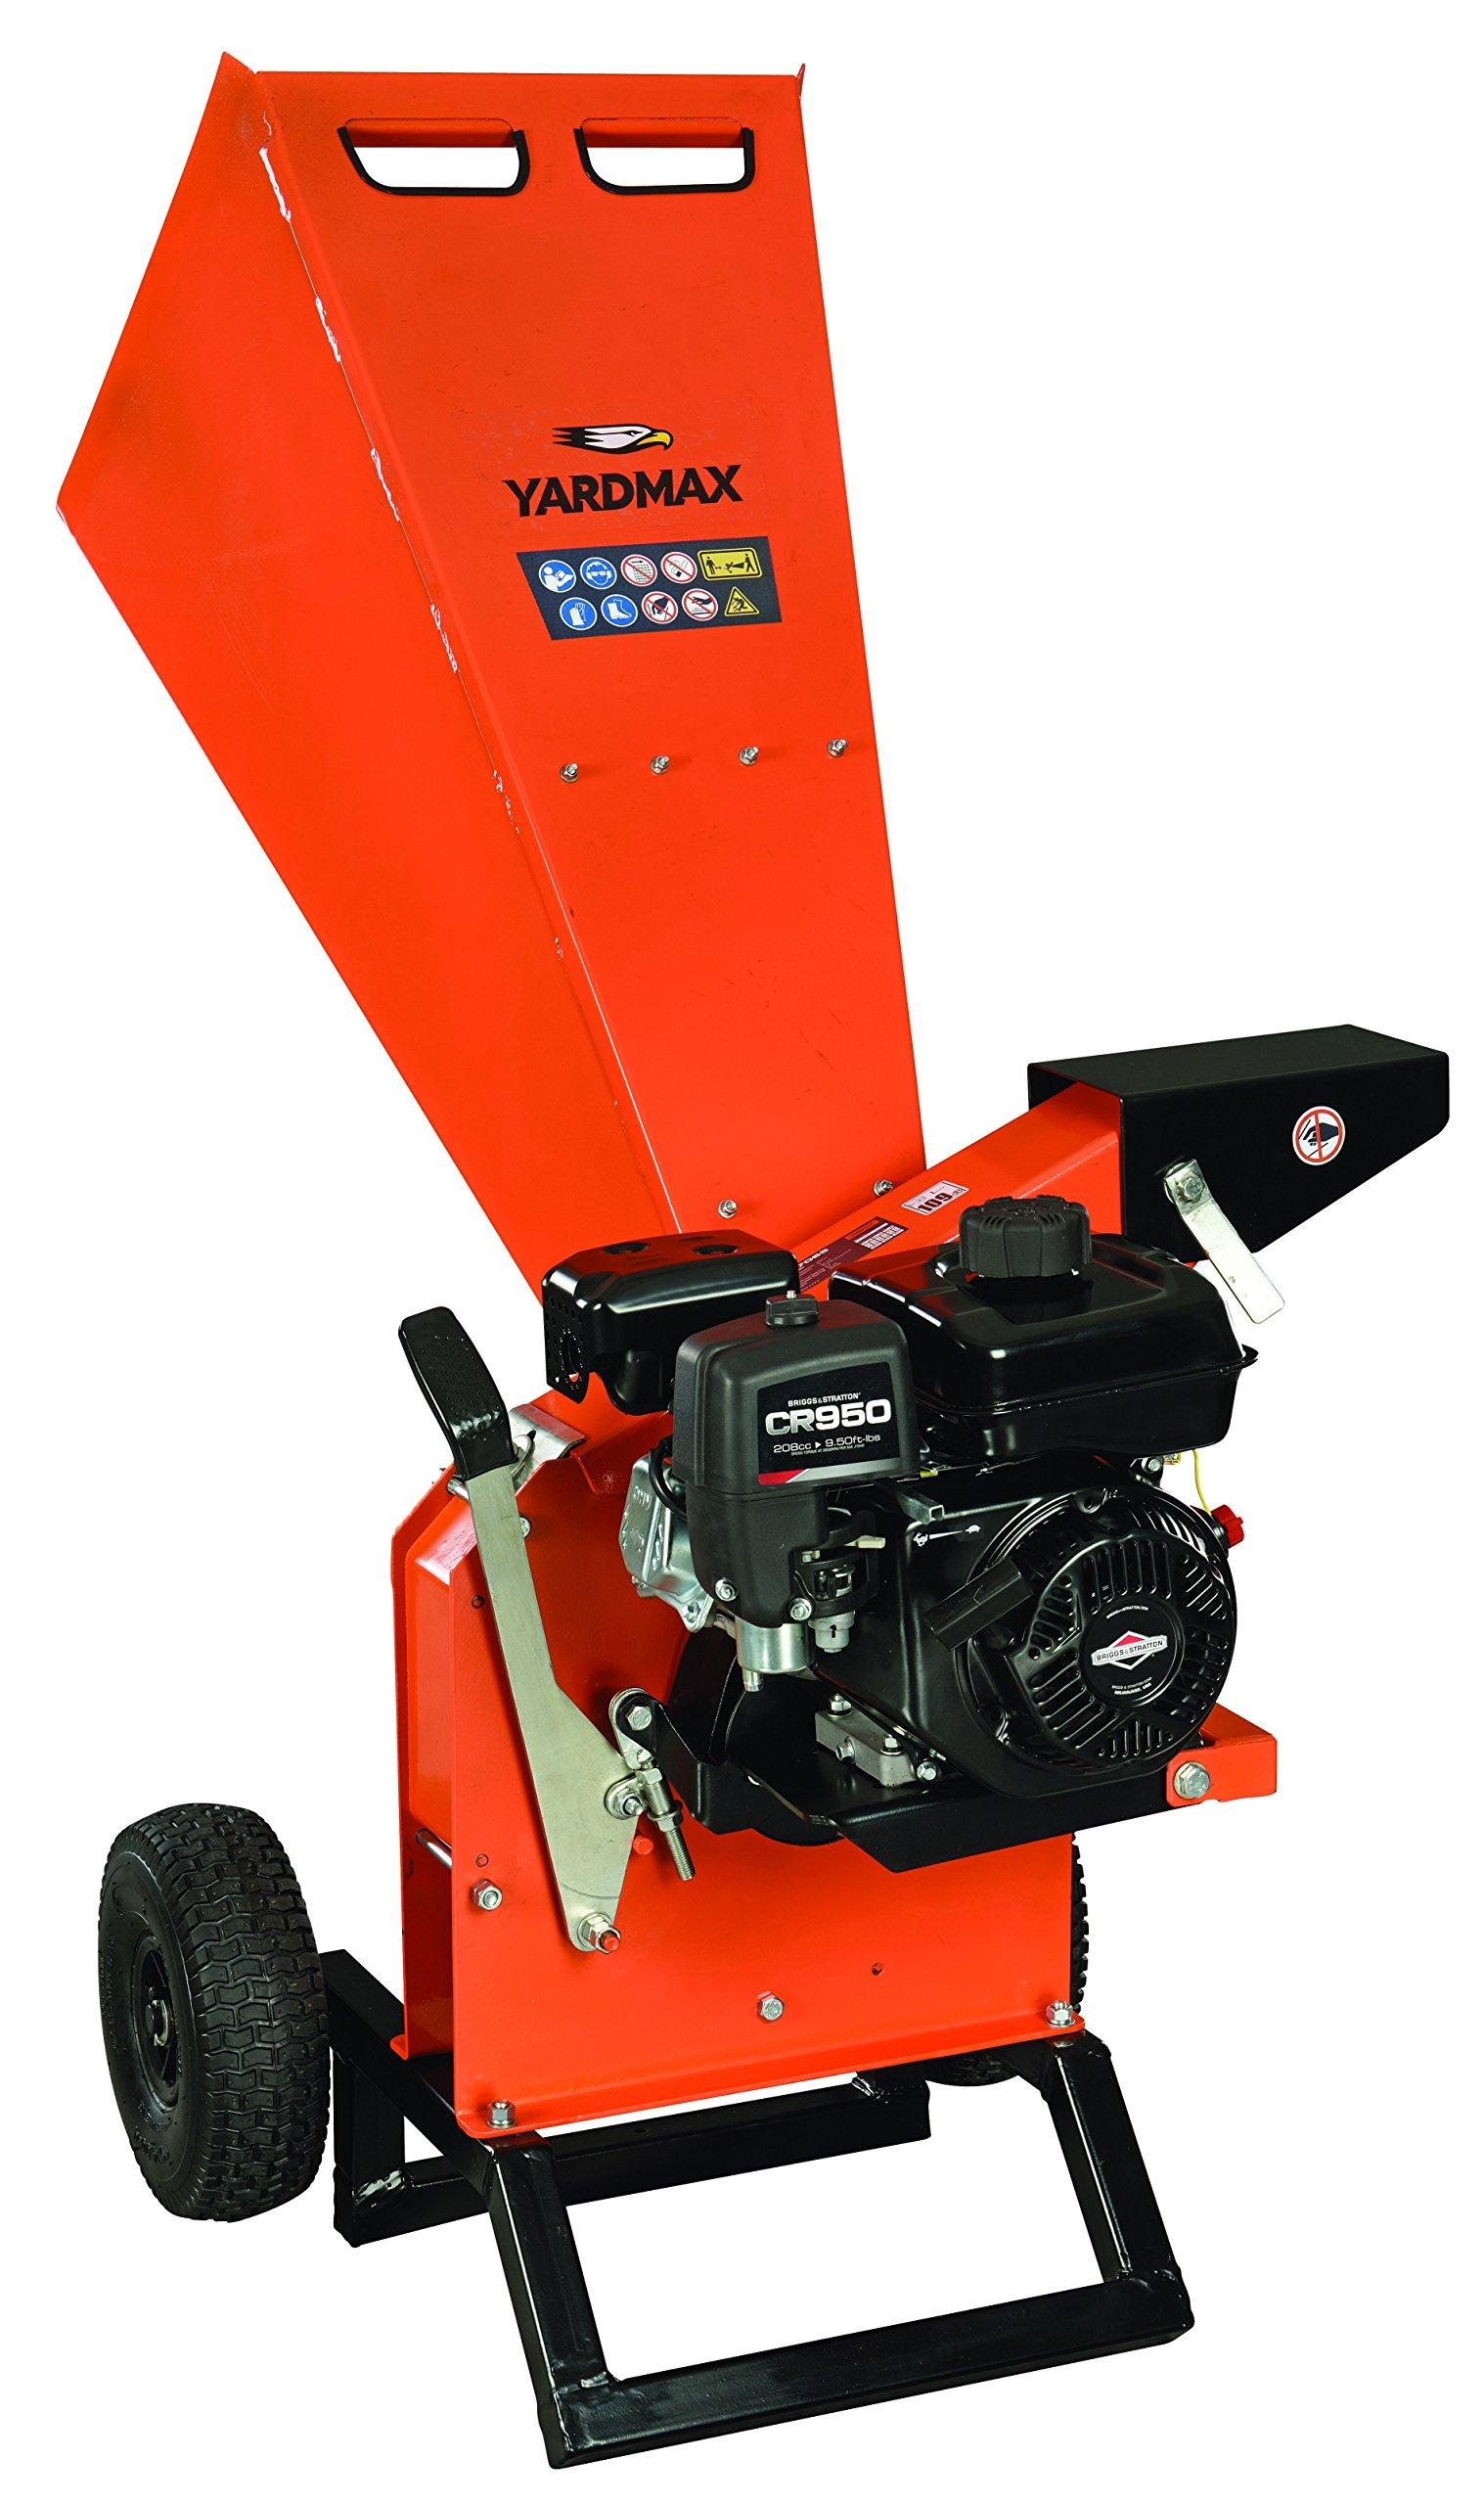 YARDMAX YW7565 Chipper Shredder, 3'' Diameter, Briggs & Stratton, CR950, 6.5HP, 208cc